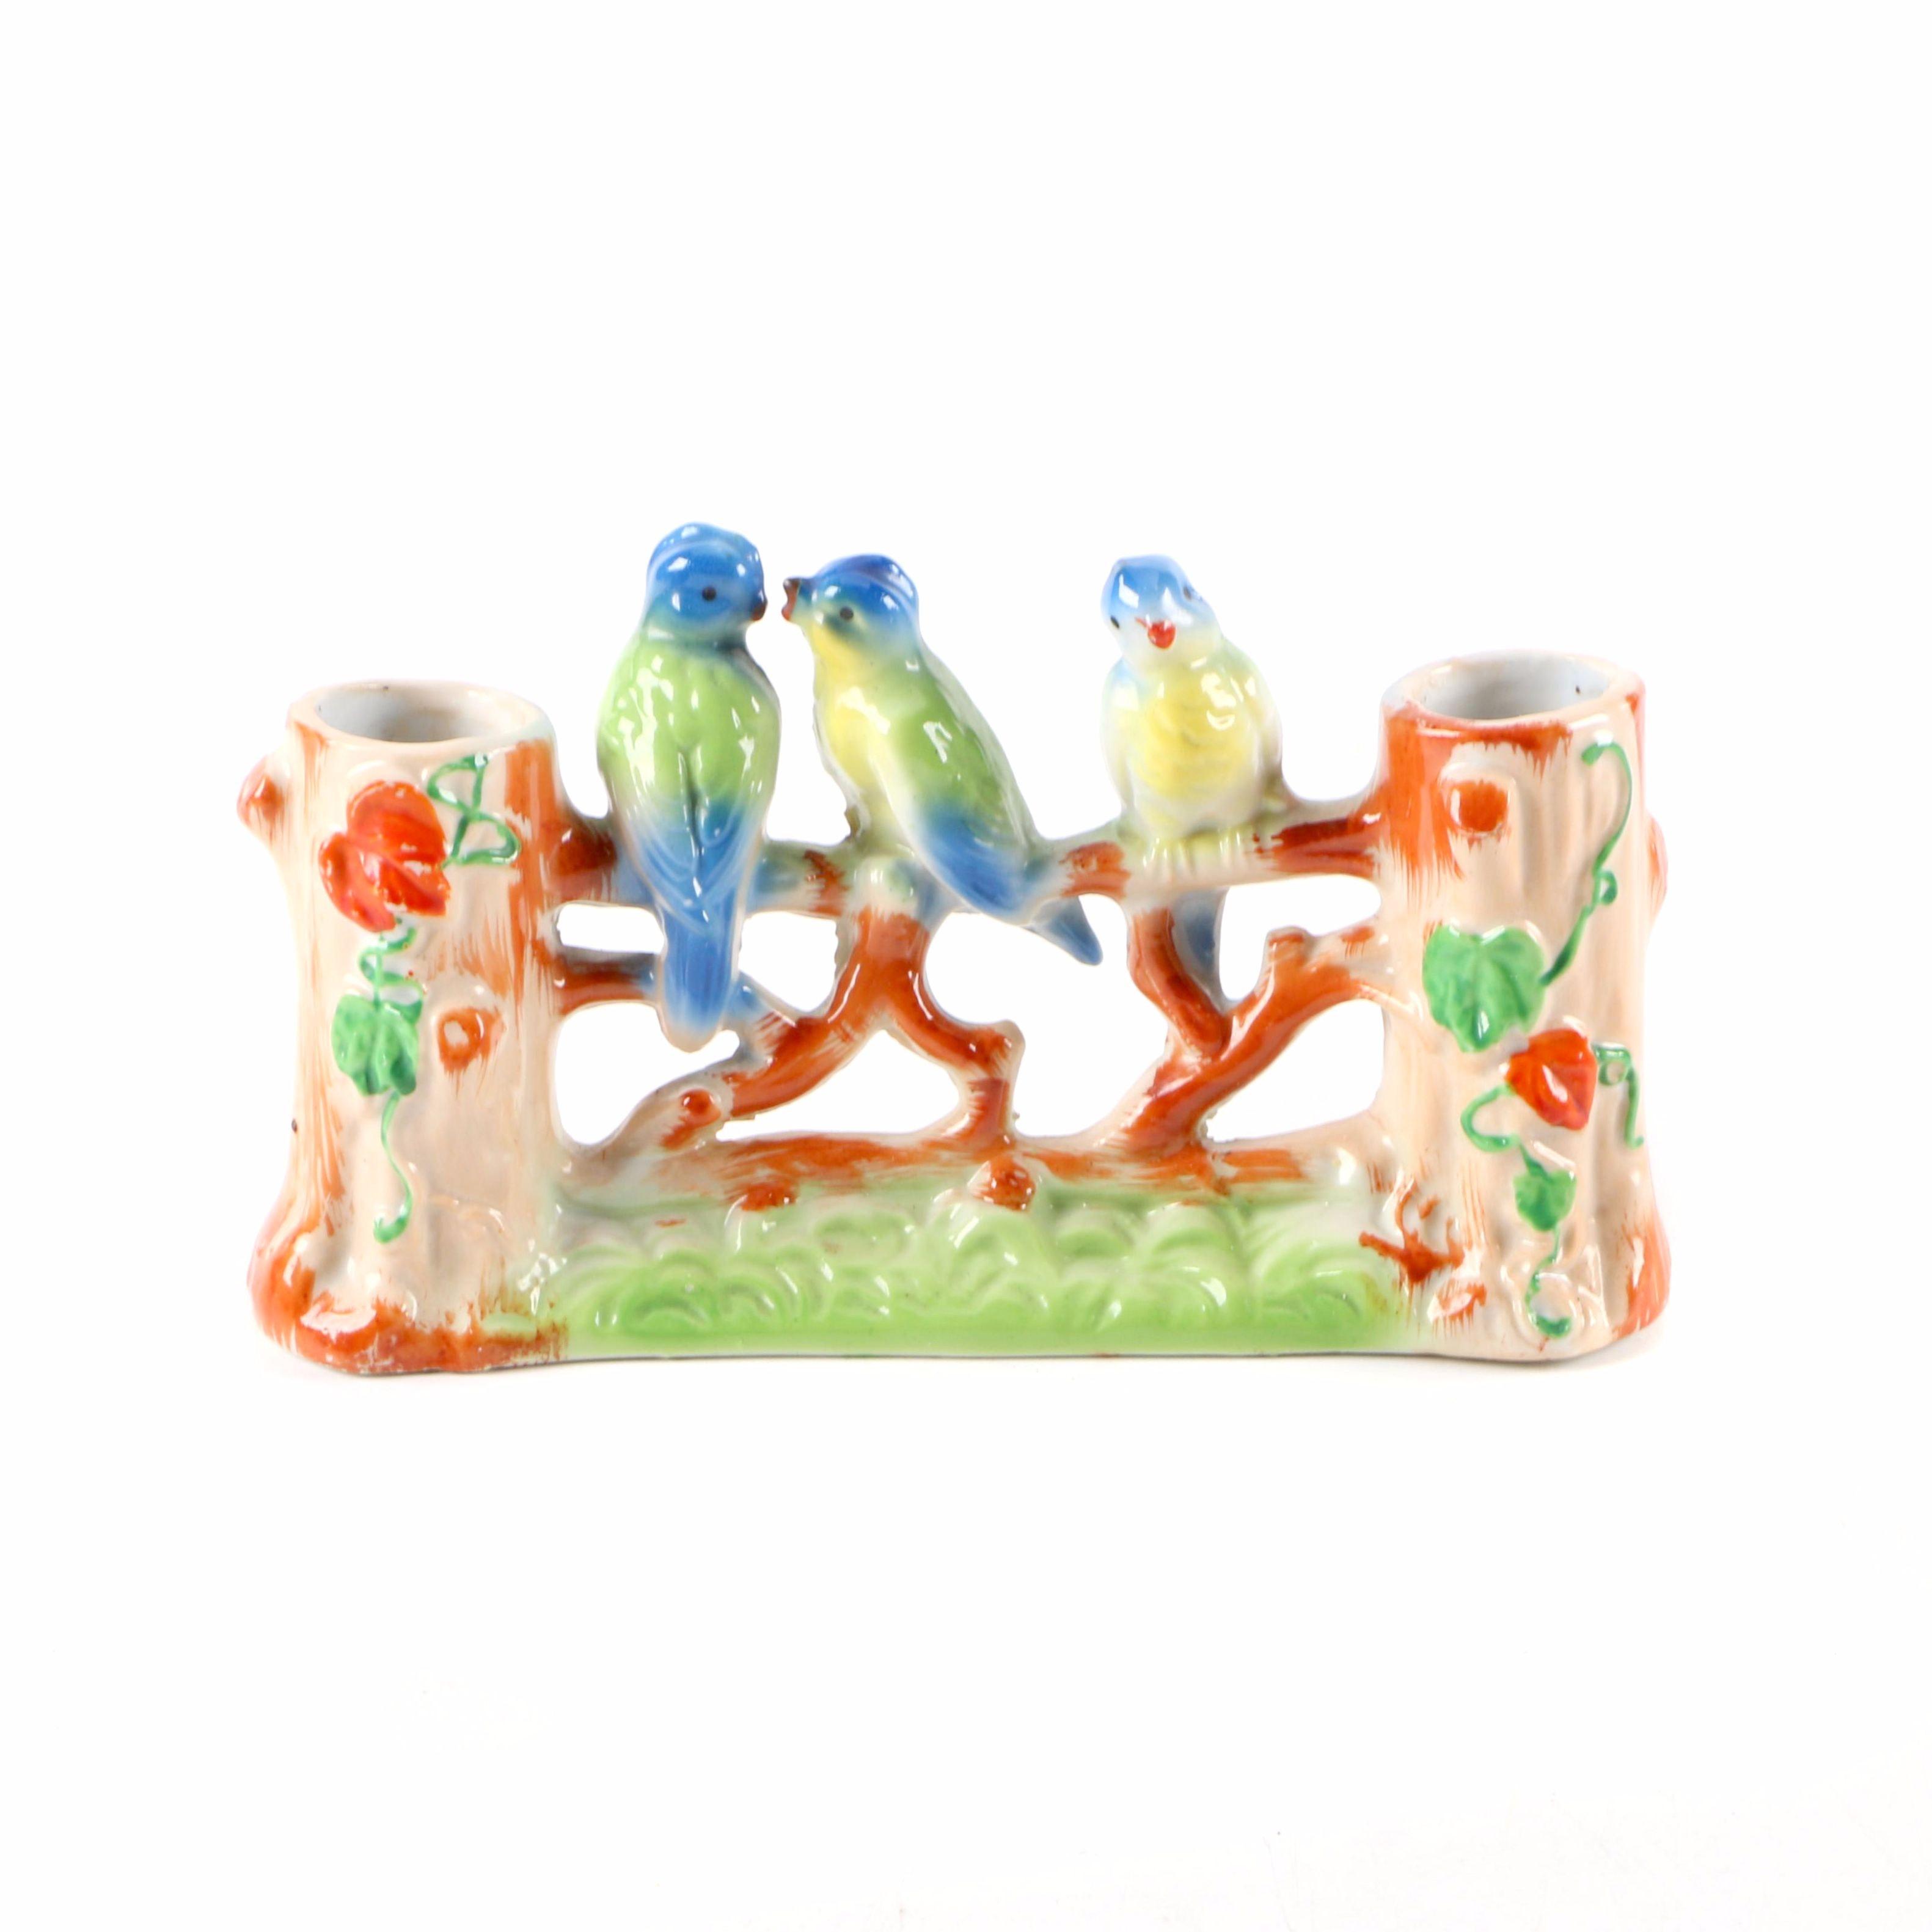 Vintage Japanese Porcelain Songbird Themed Spill Vase